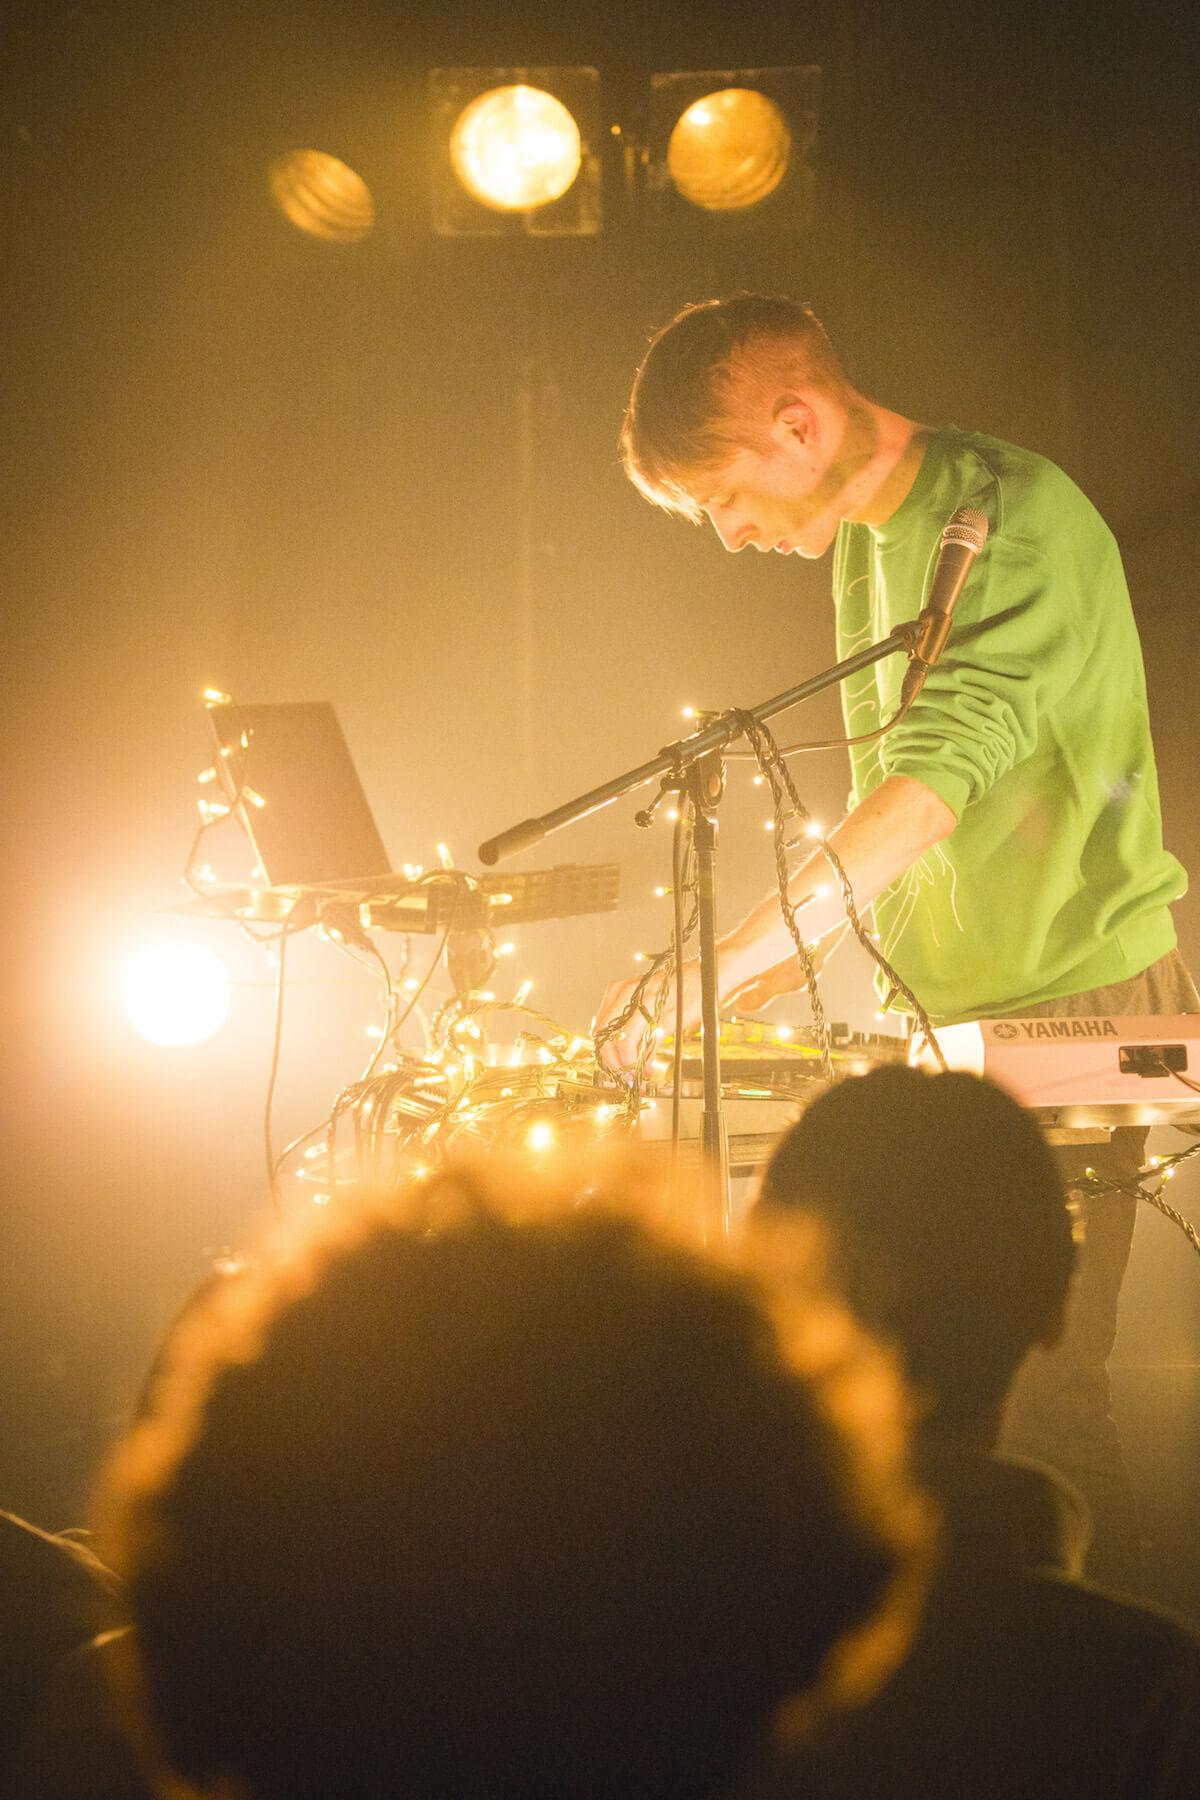 【レポート】ニック・ムーン、ソロアルバム『CIRCUS LOVE』への期待高まる世界初ソロライブ!アジカン喜多との出会いも語る! music180323_nickmoon_2